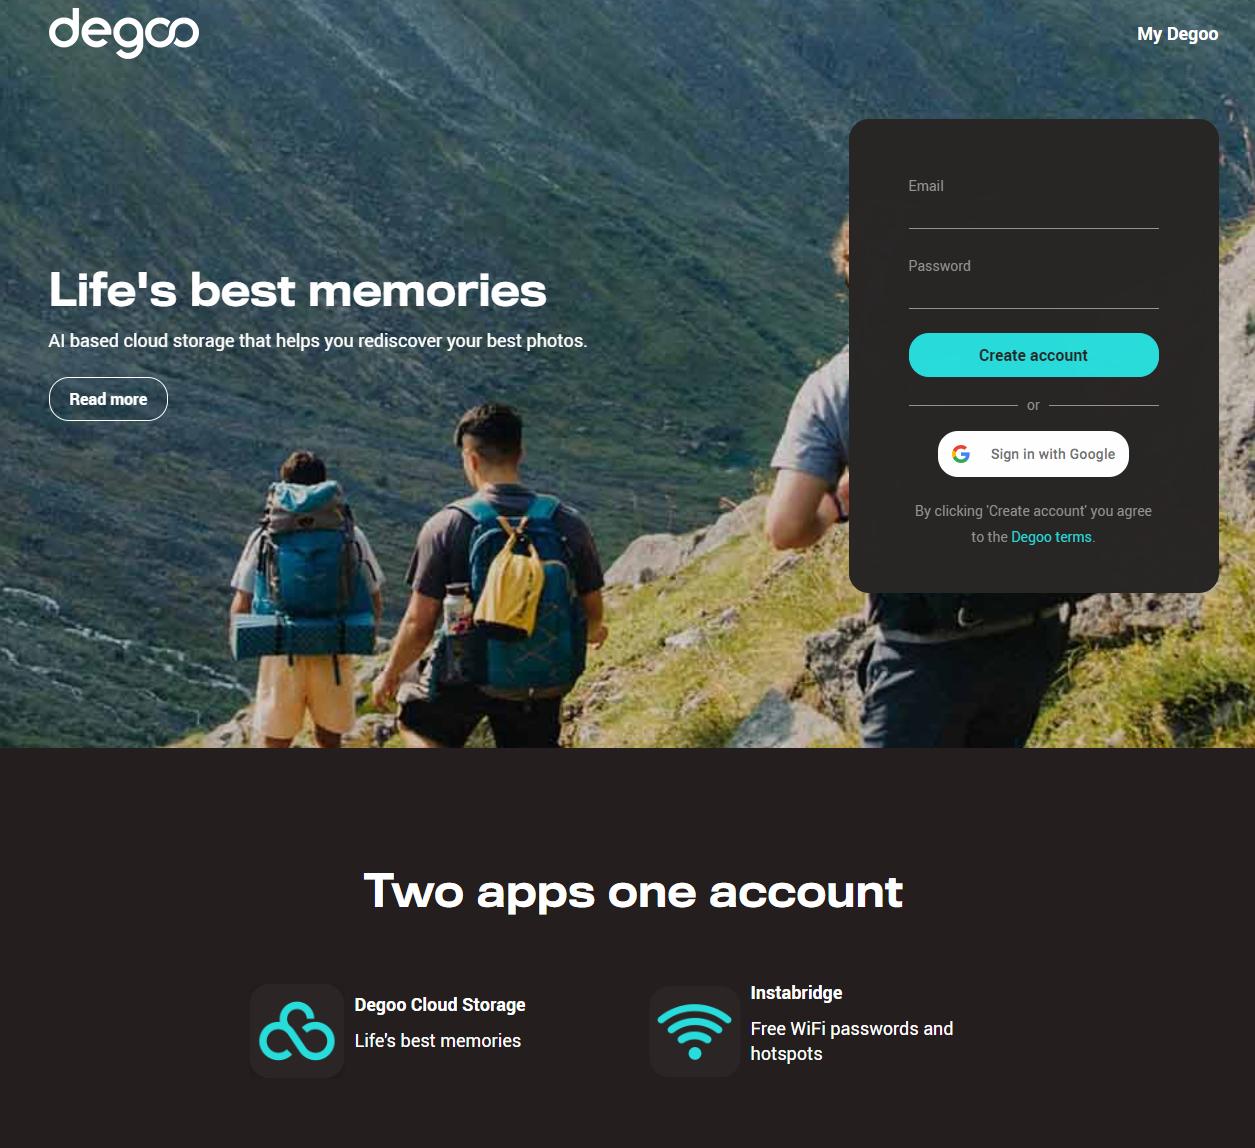 瑞士网盘degoo的免费100G网盘的2个注意事项